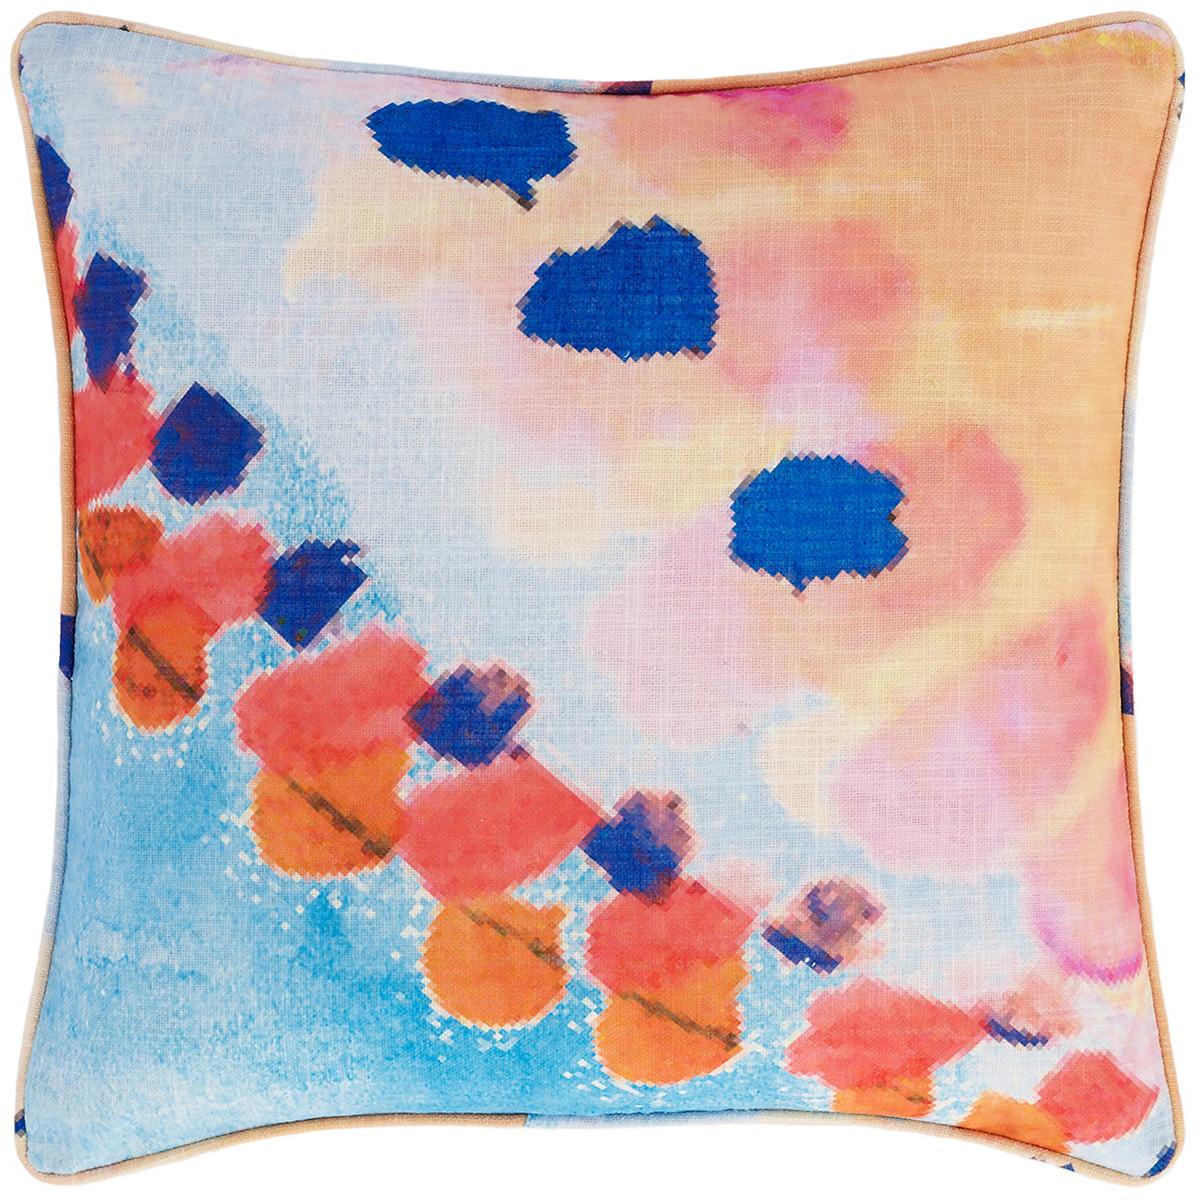 Emperor Indoor/Outdoor Decorative Pillow